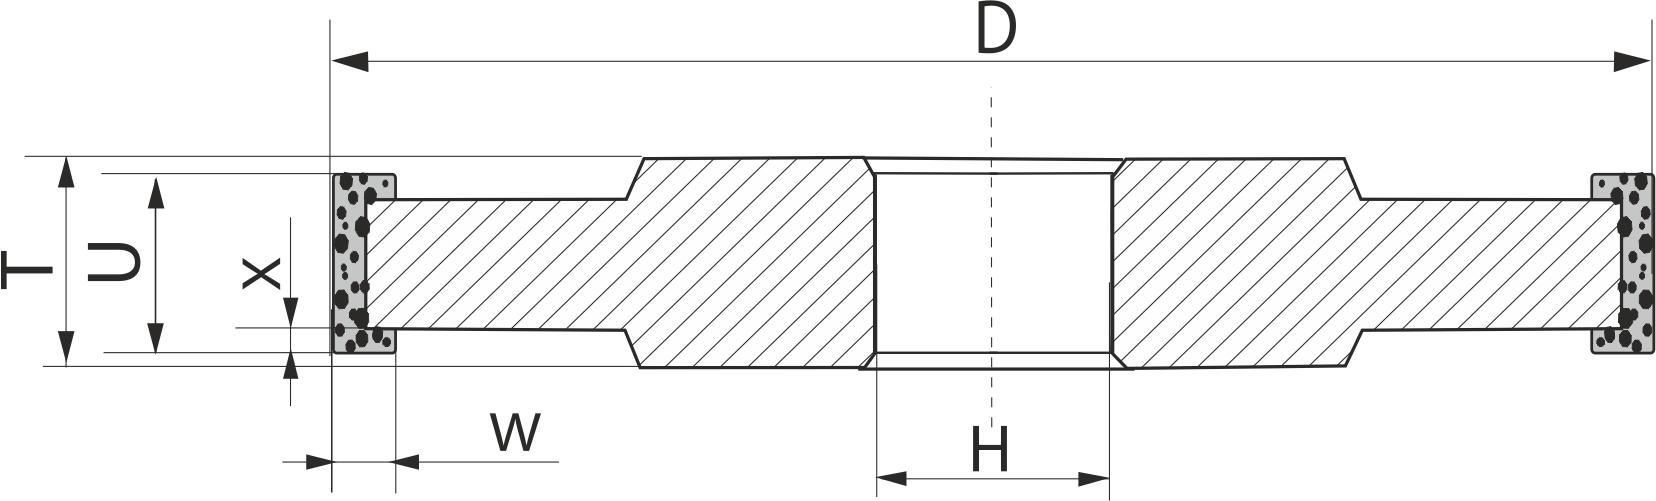 14U1. CBN Круги шлифовальные прямого профиля трехсторонние PDT